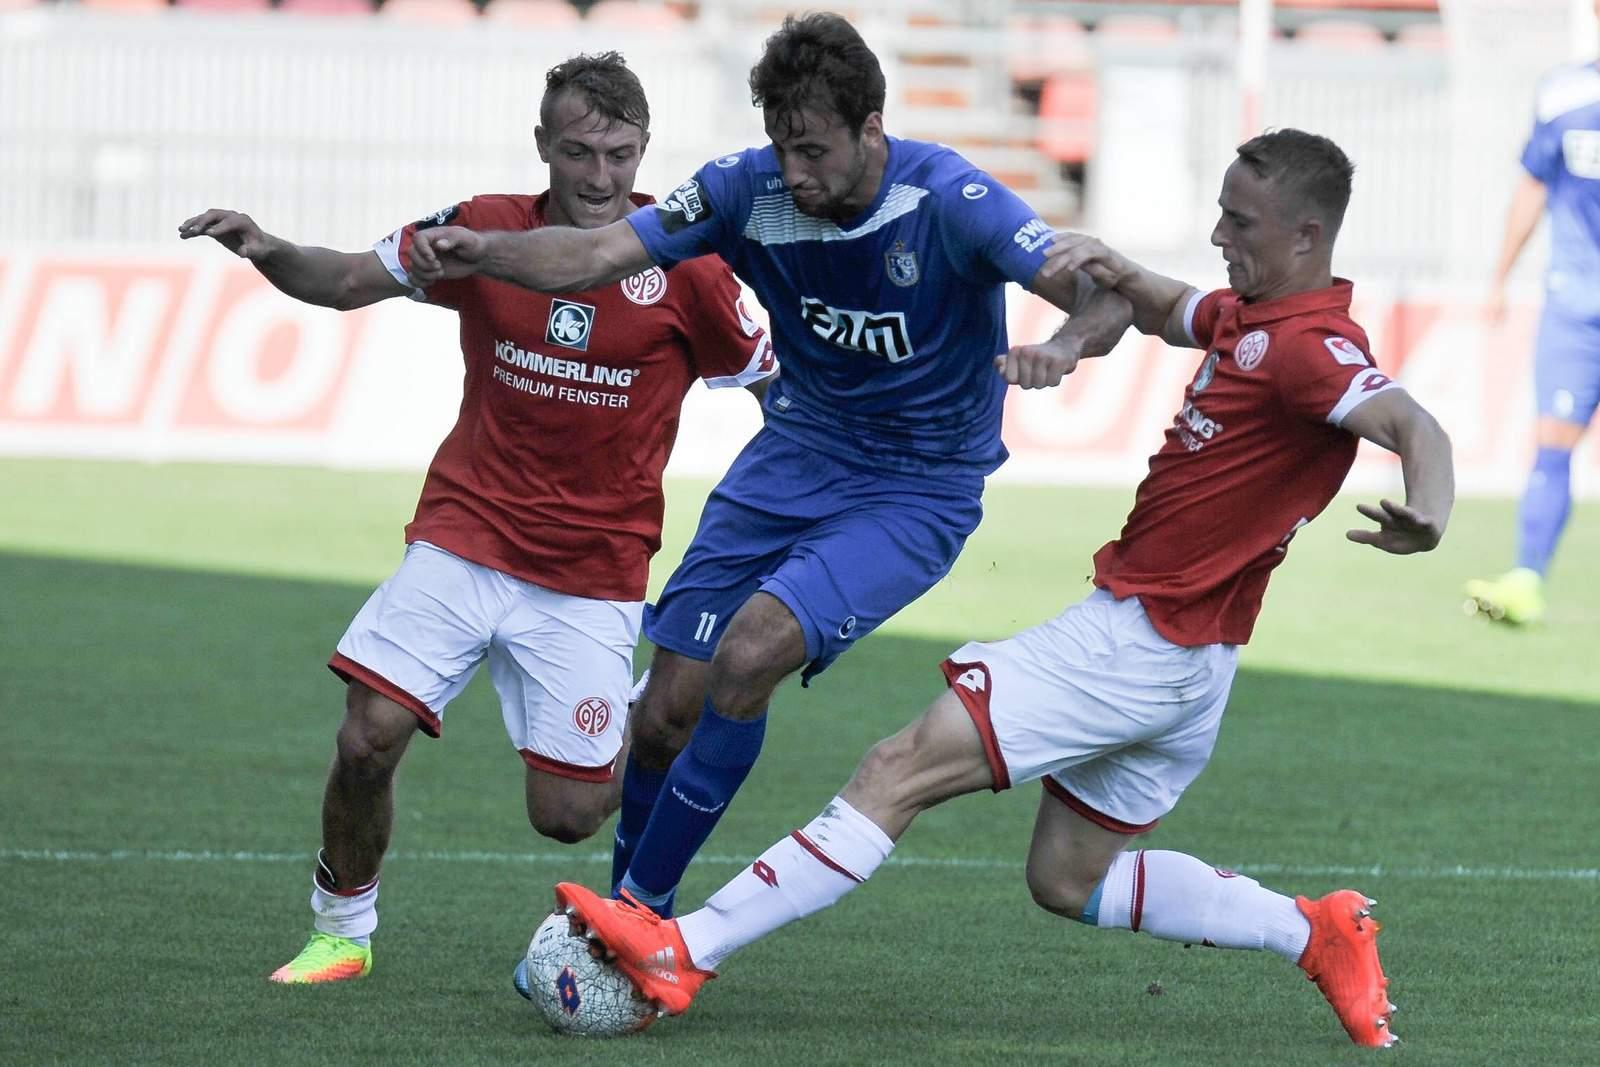 Daniel Bohl grätscht gegen Christian Beck. Jetzt auf Magdeburg gegen Mainz II wetten!